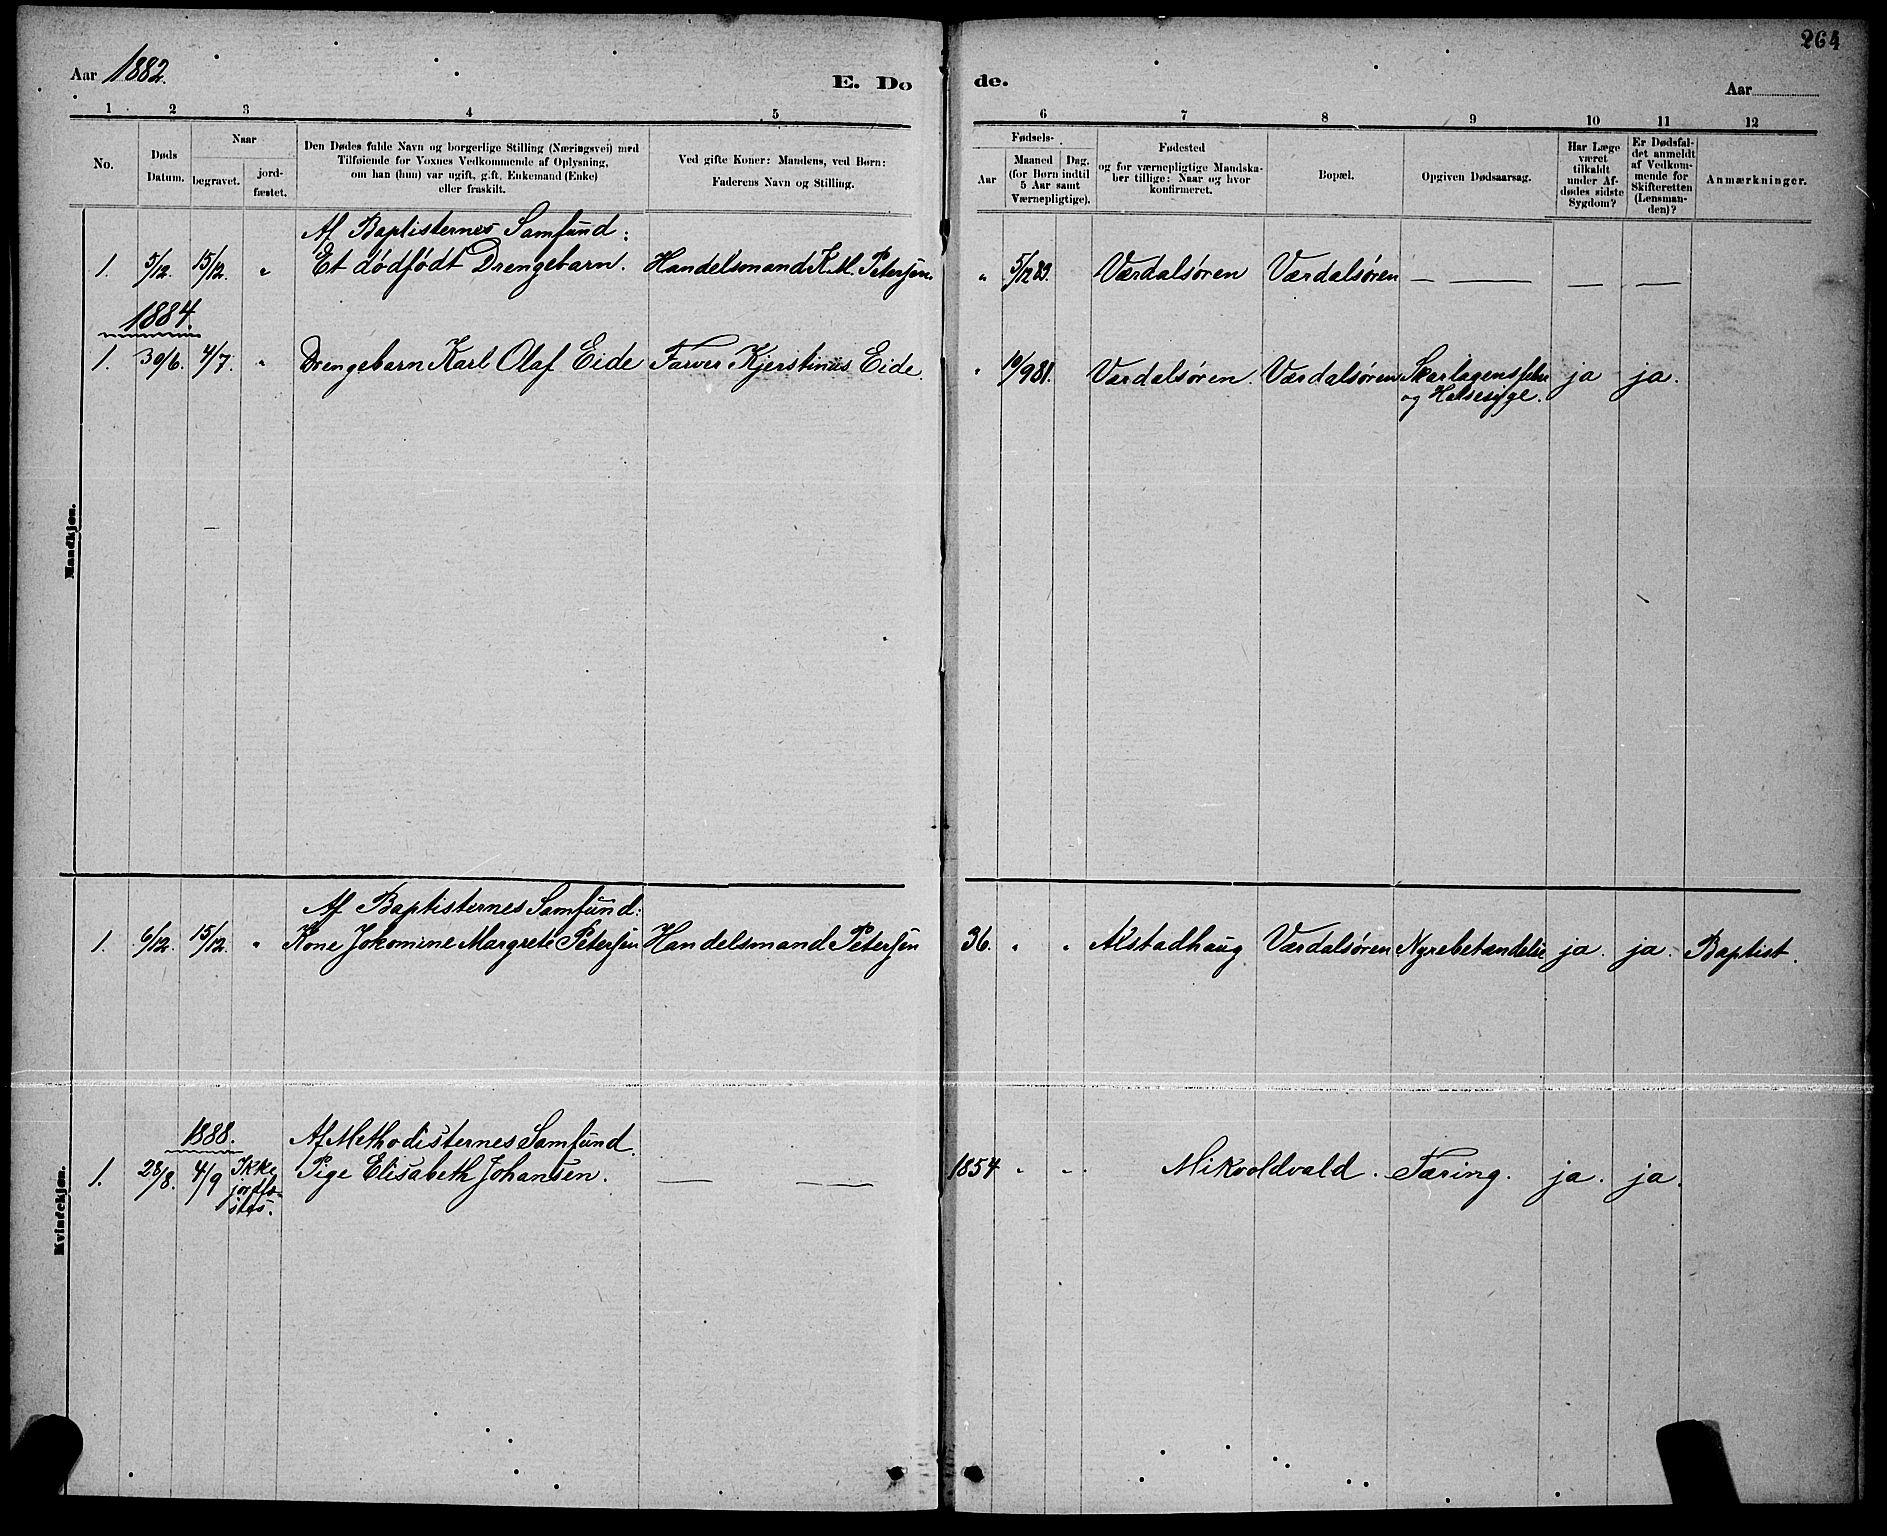 SAT, Ministerialprotokoller, klokkerbøker og fødselsregistre - Nord-Trøndelag, 723/L0256: Klokkerbok nr. 723C04, 1879-1890, s. 264